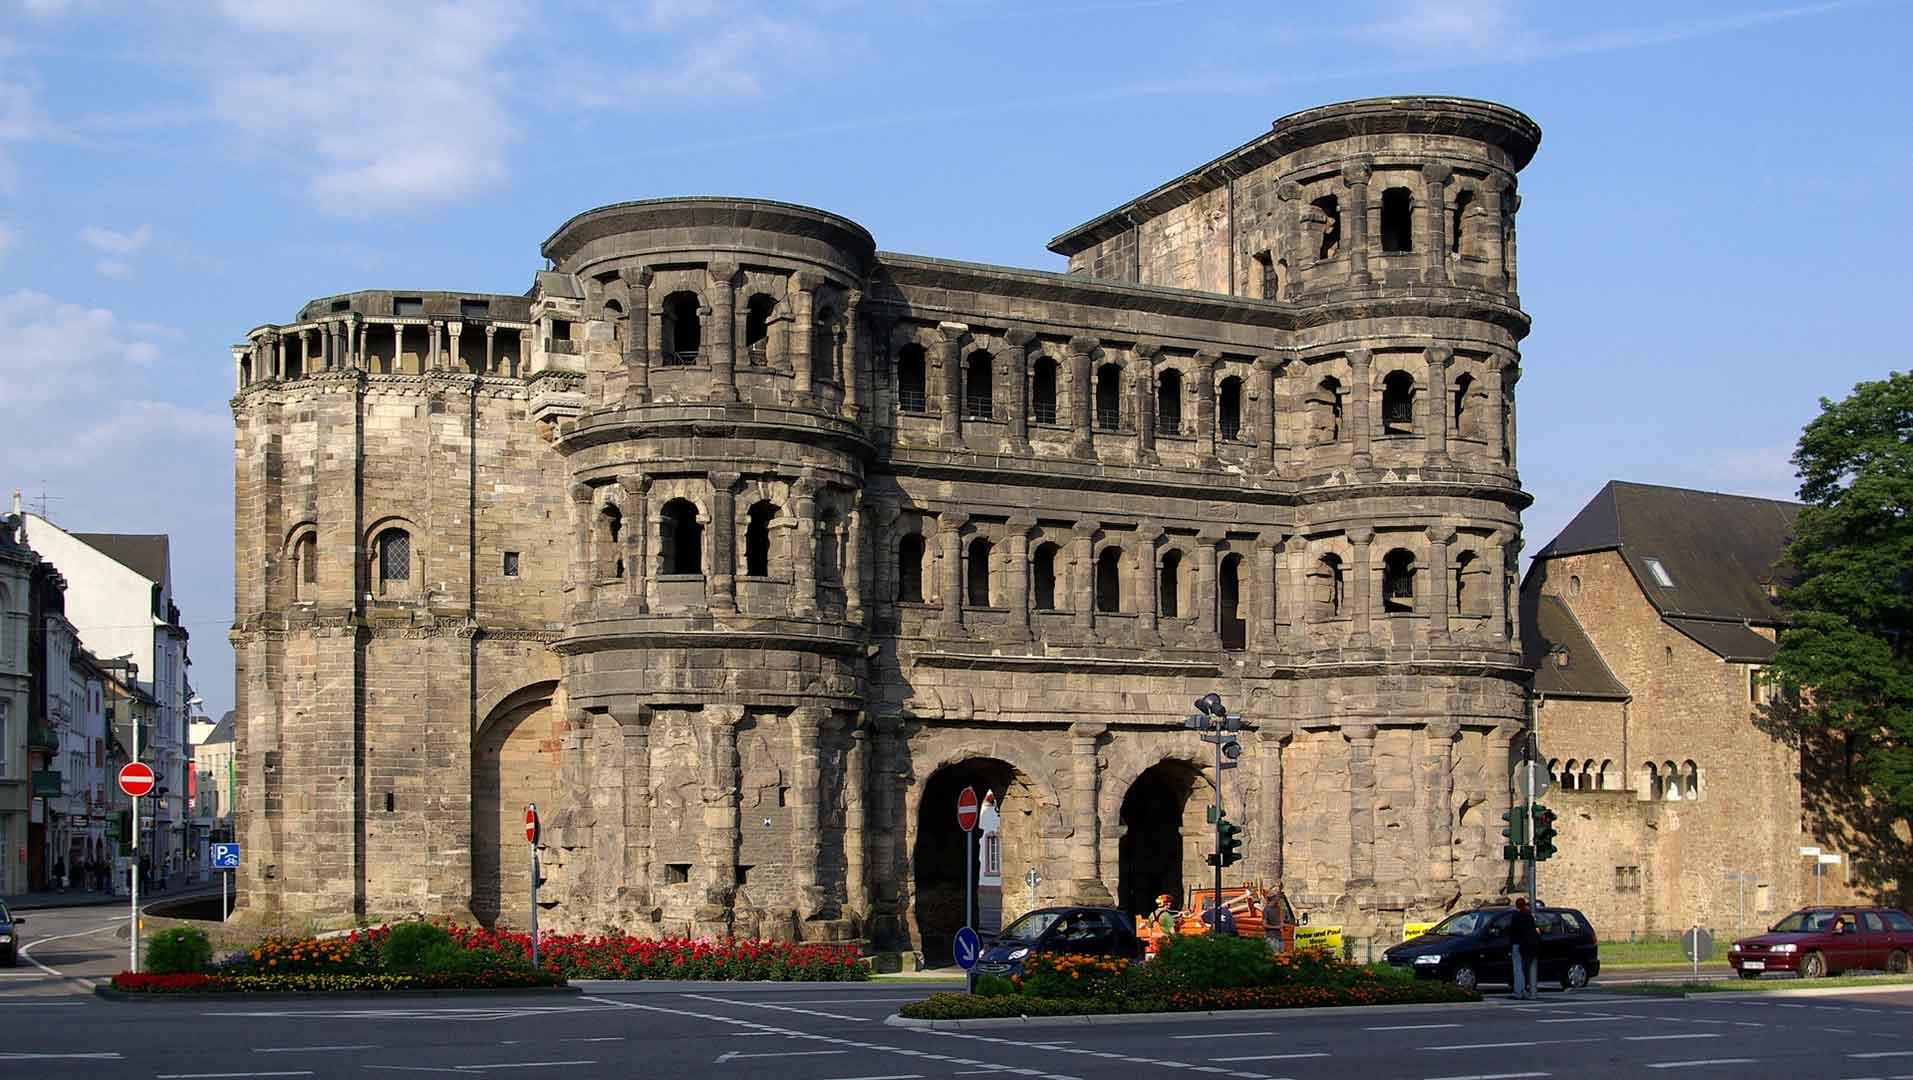 De porta nigra in Trier.